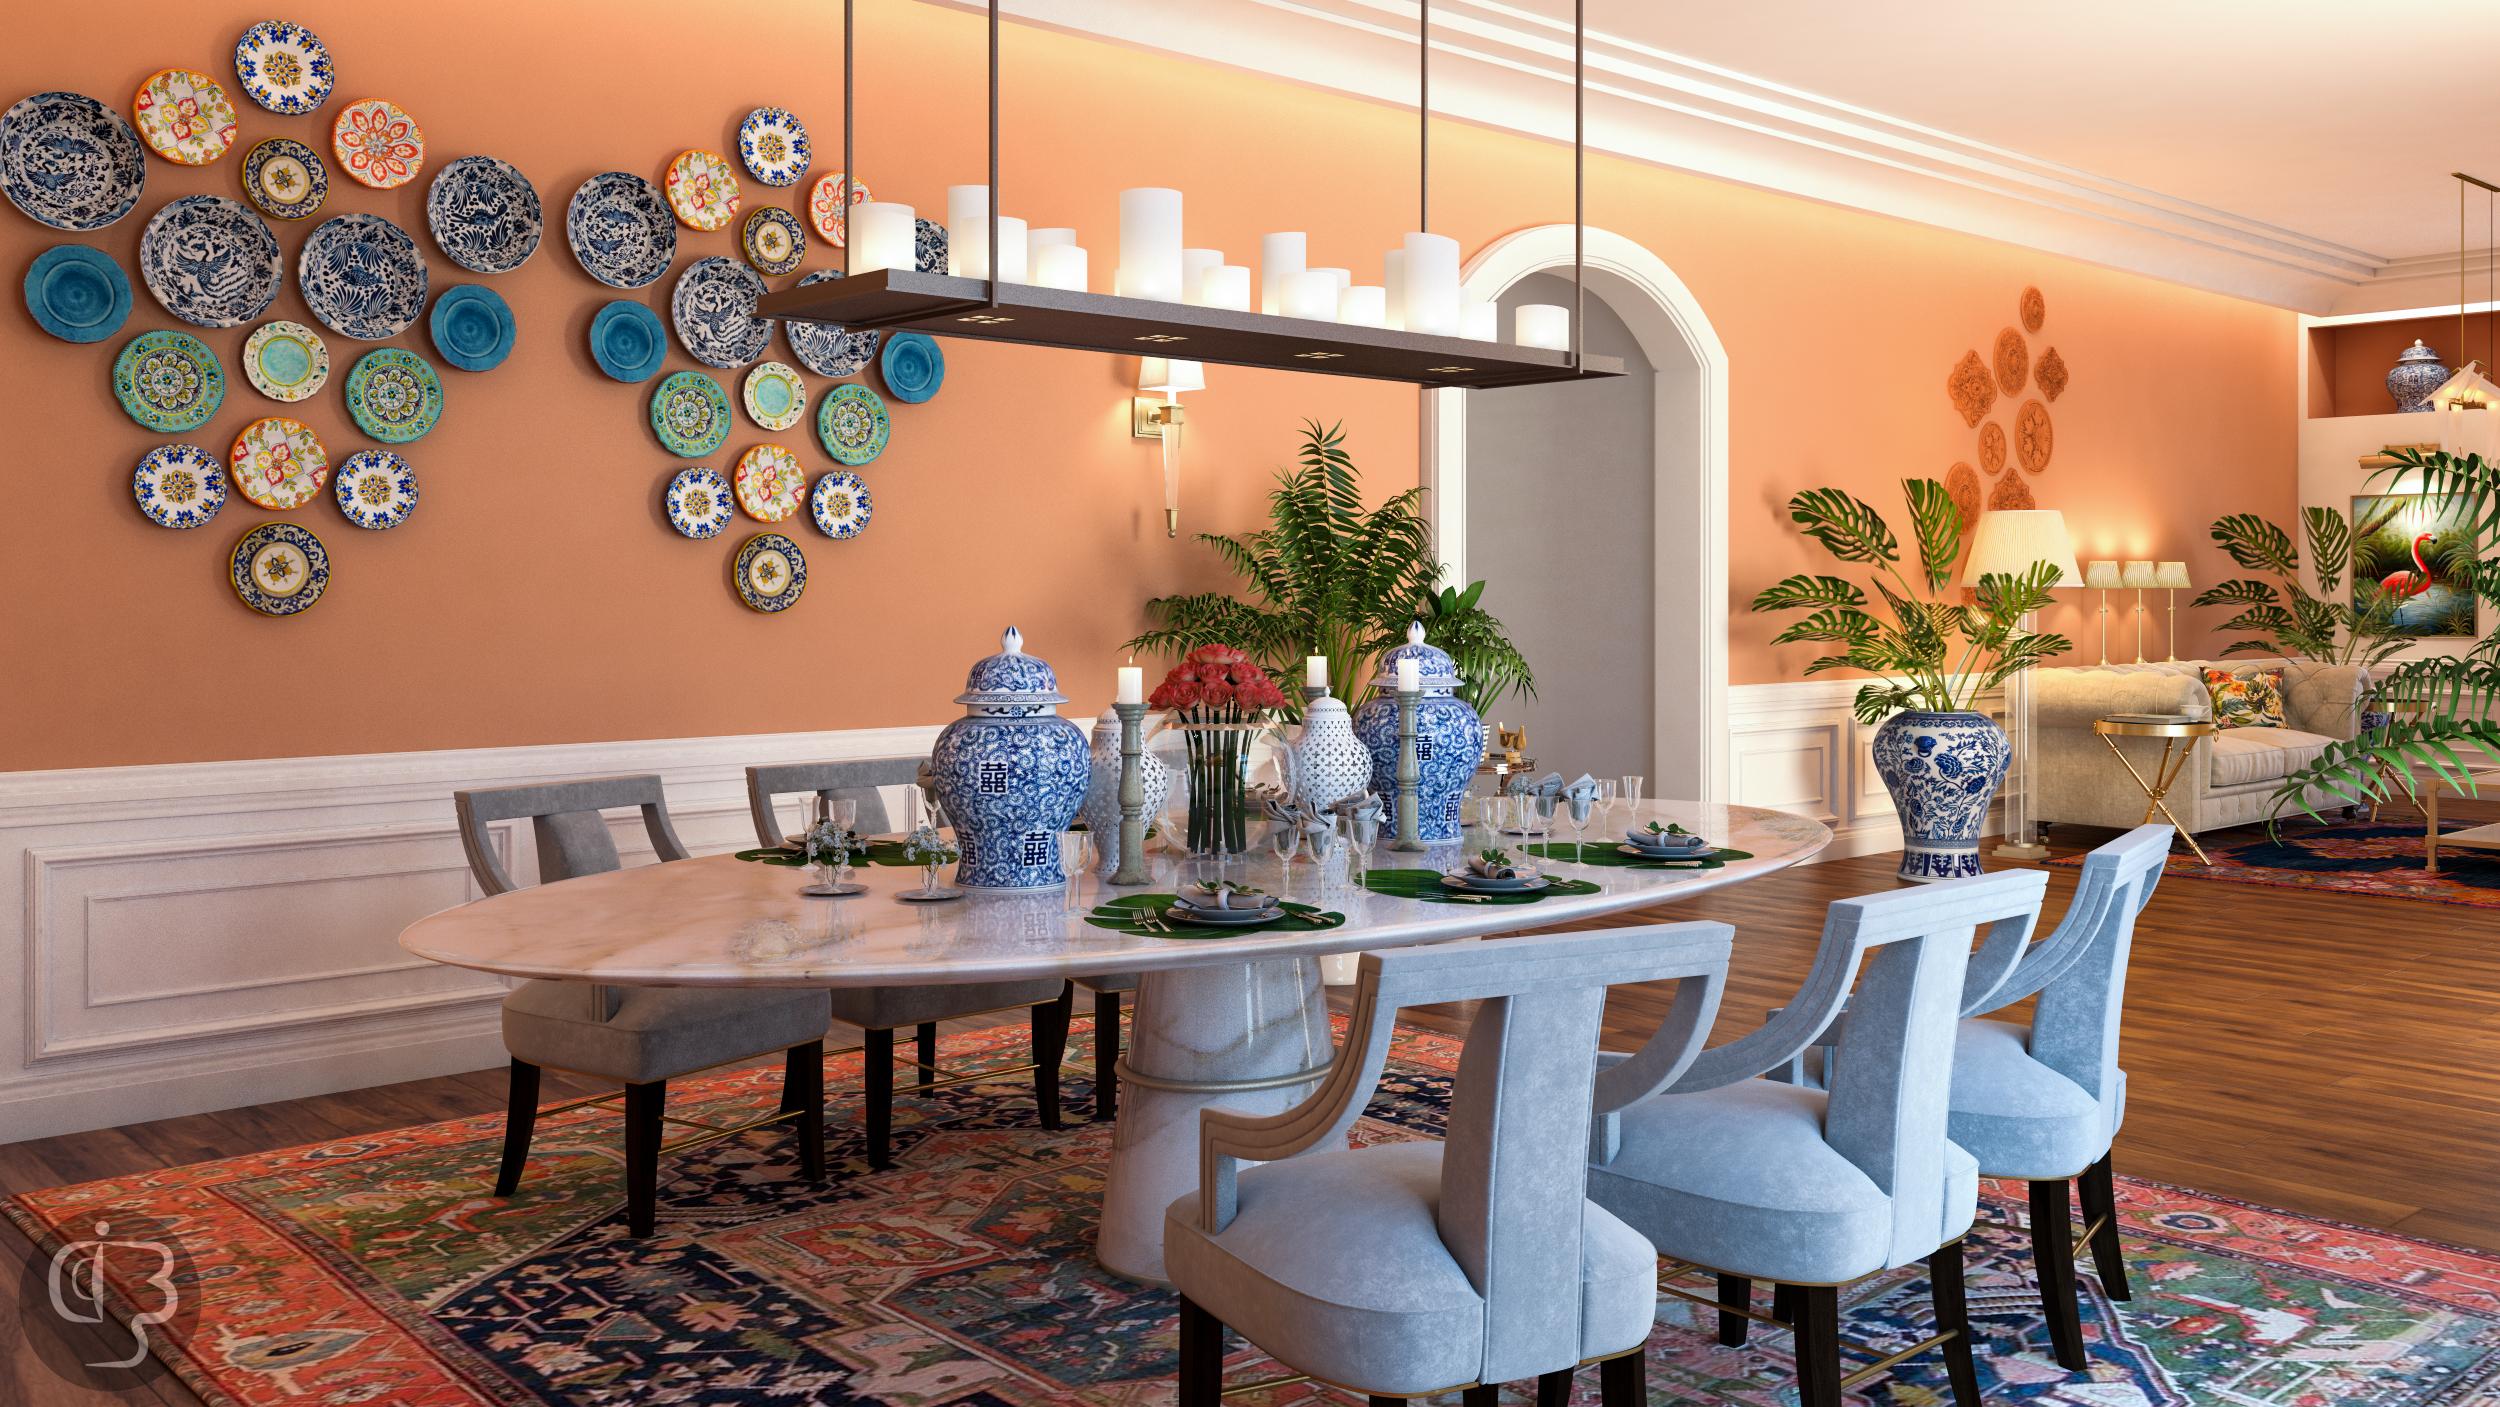 дизайн интерьера Красивый дизайн интерьера от Boshrainteriors Studio и BRABBU dining room by boshrainteriors